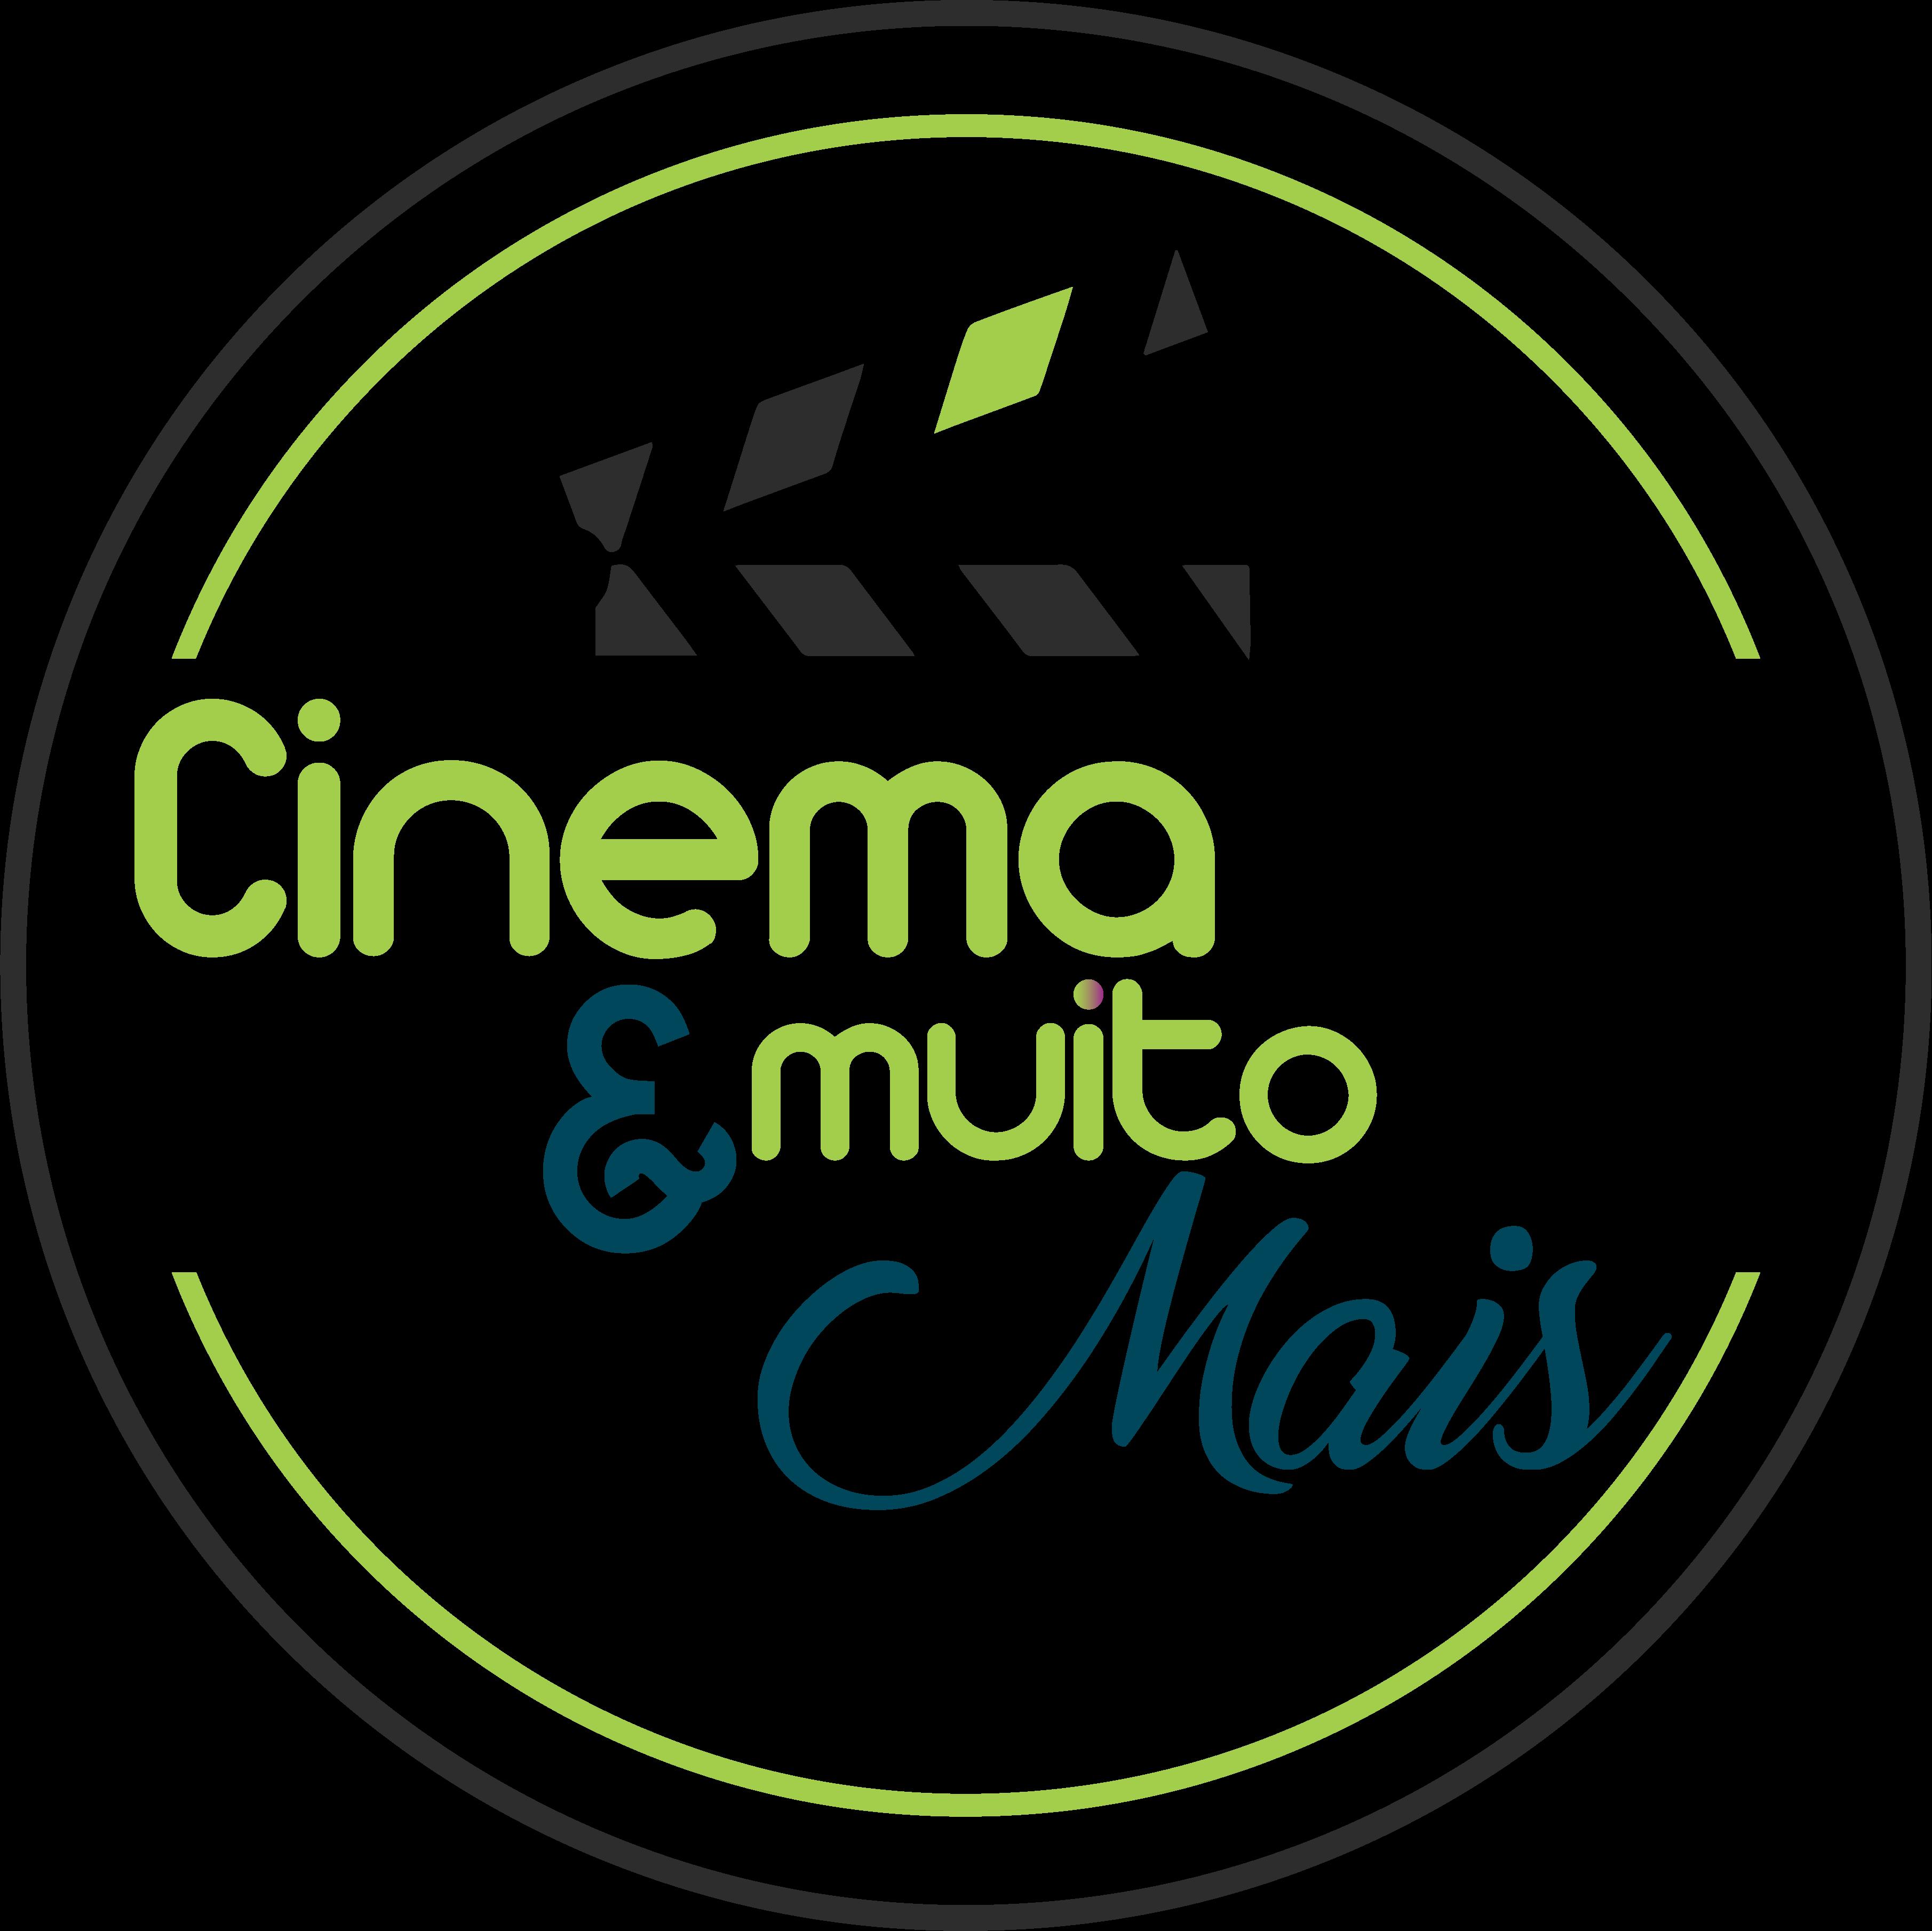 Cinema e Muito +